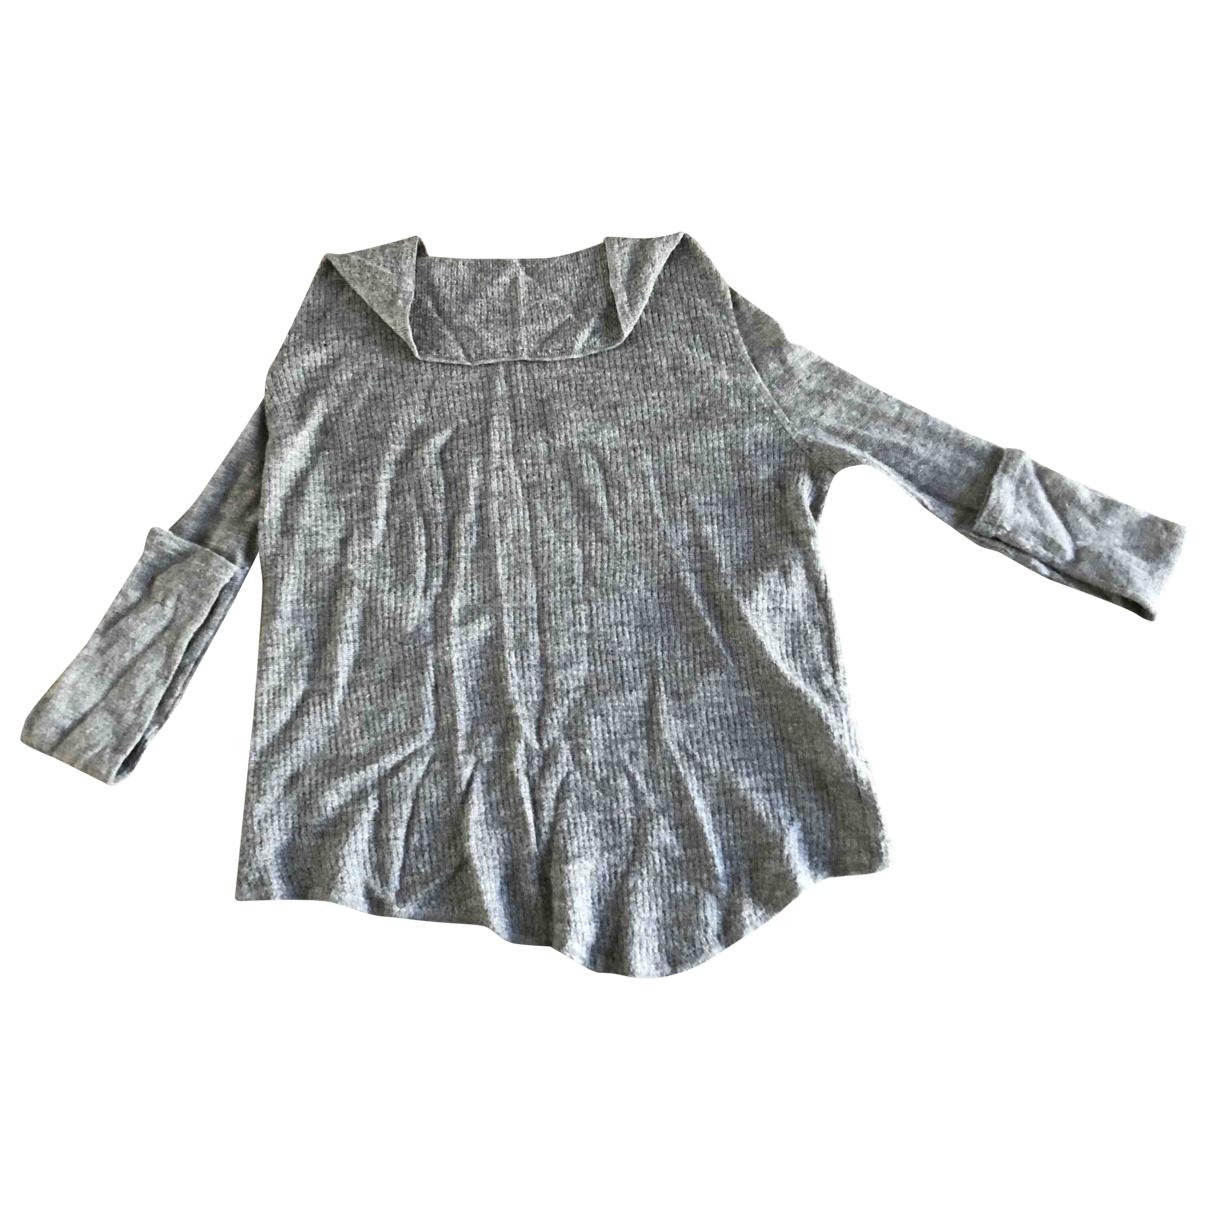 Helmut Lang \N Beige Wool Knitwear for Women S International